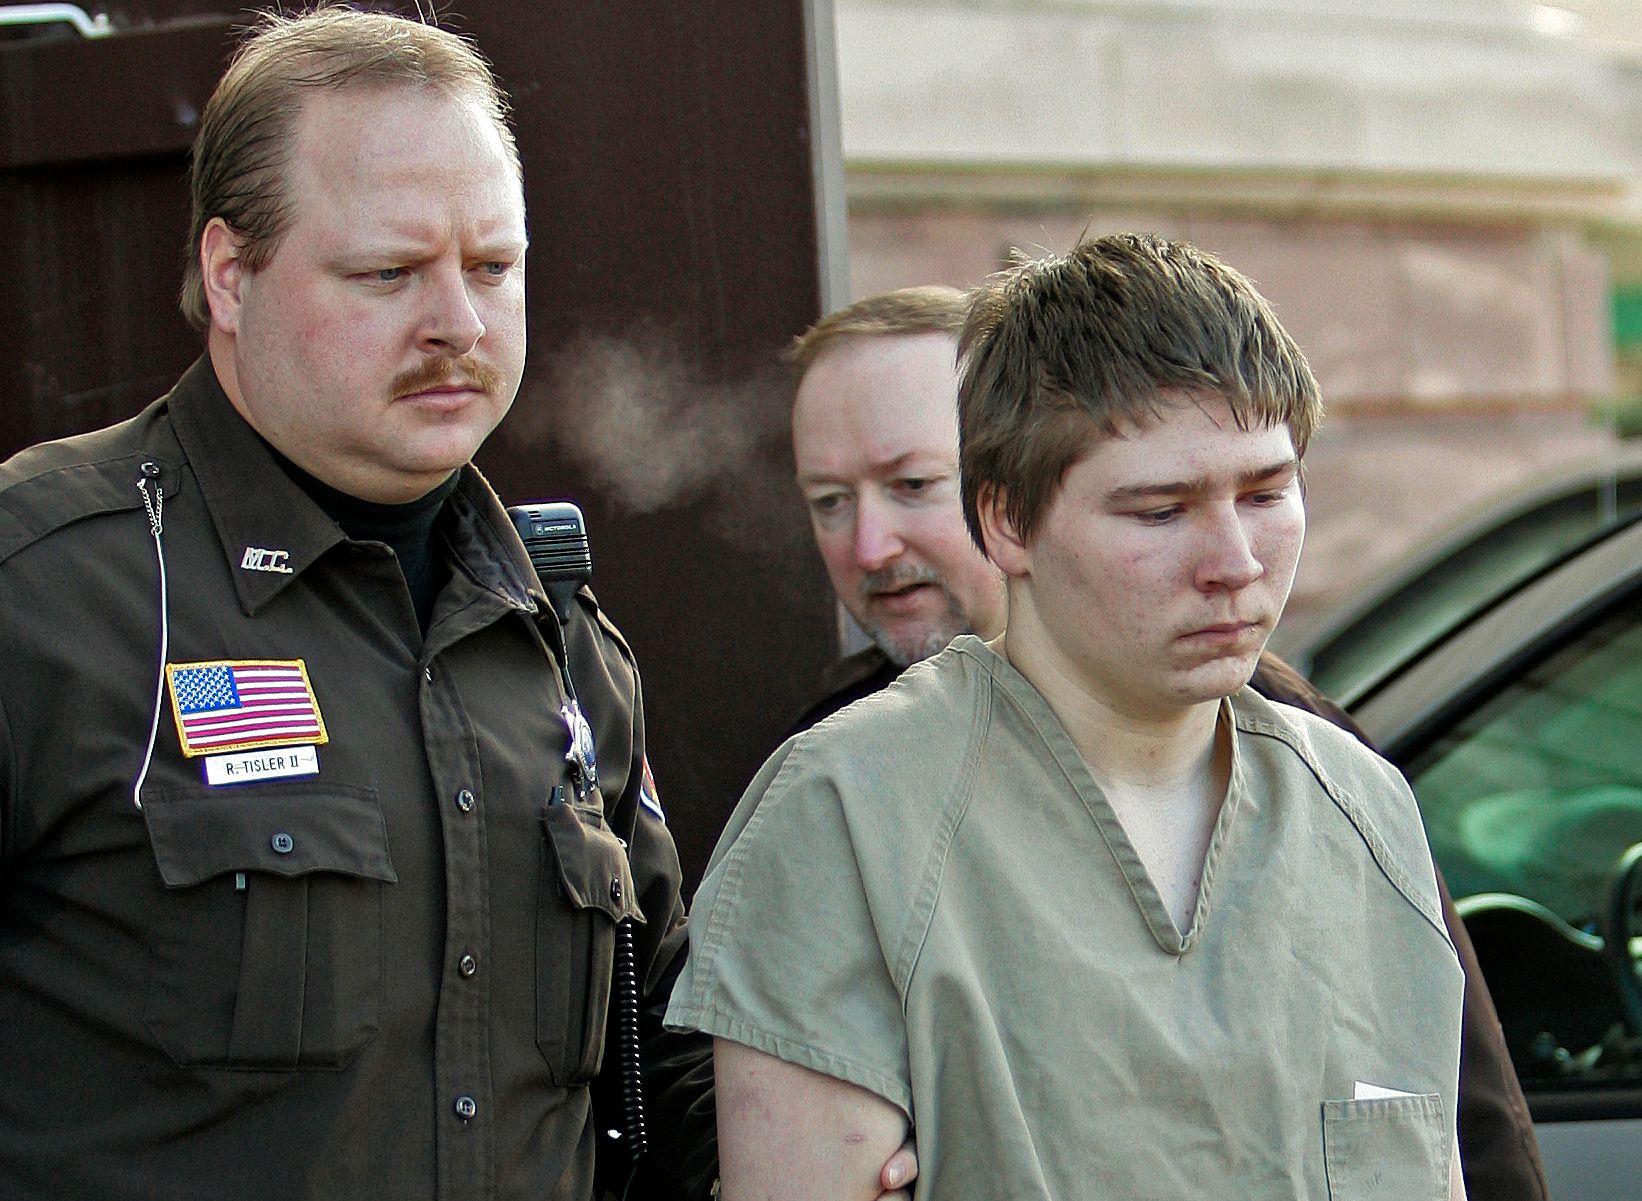 DØMT TIL LIVSTID: I 2006 ble 16 år gamle Brendan Dassey arrestert for å ha drept fotografen Theresa Halbach. Året etter ble han dømt til livstid i fengsel.